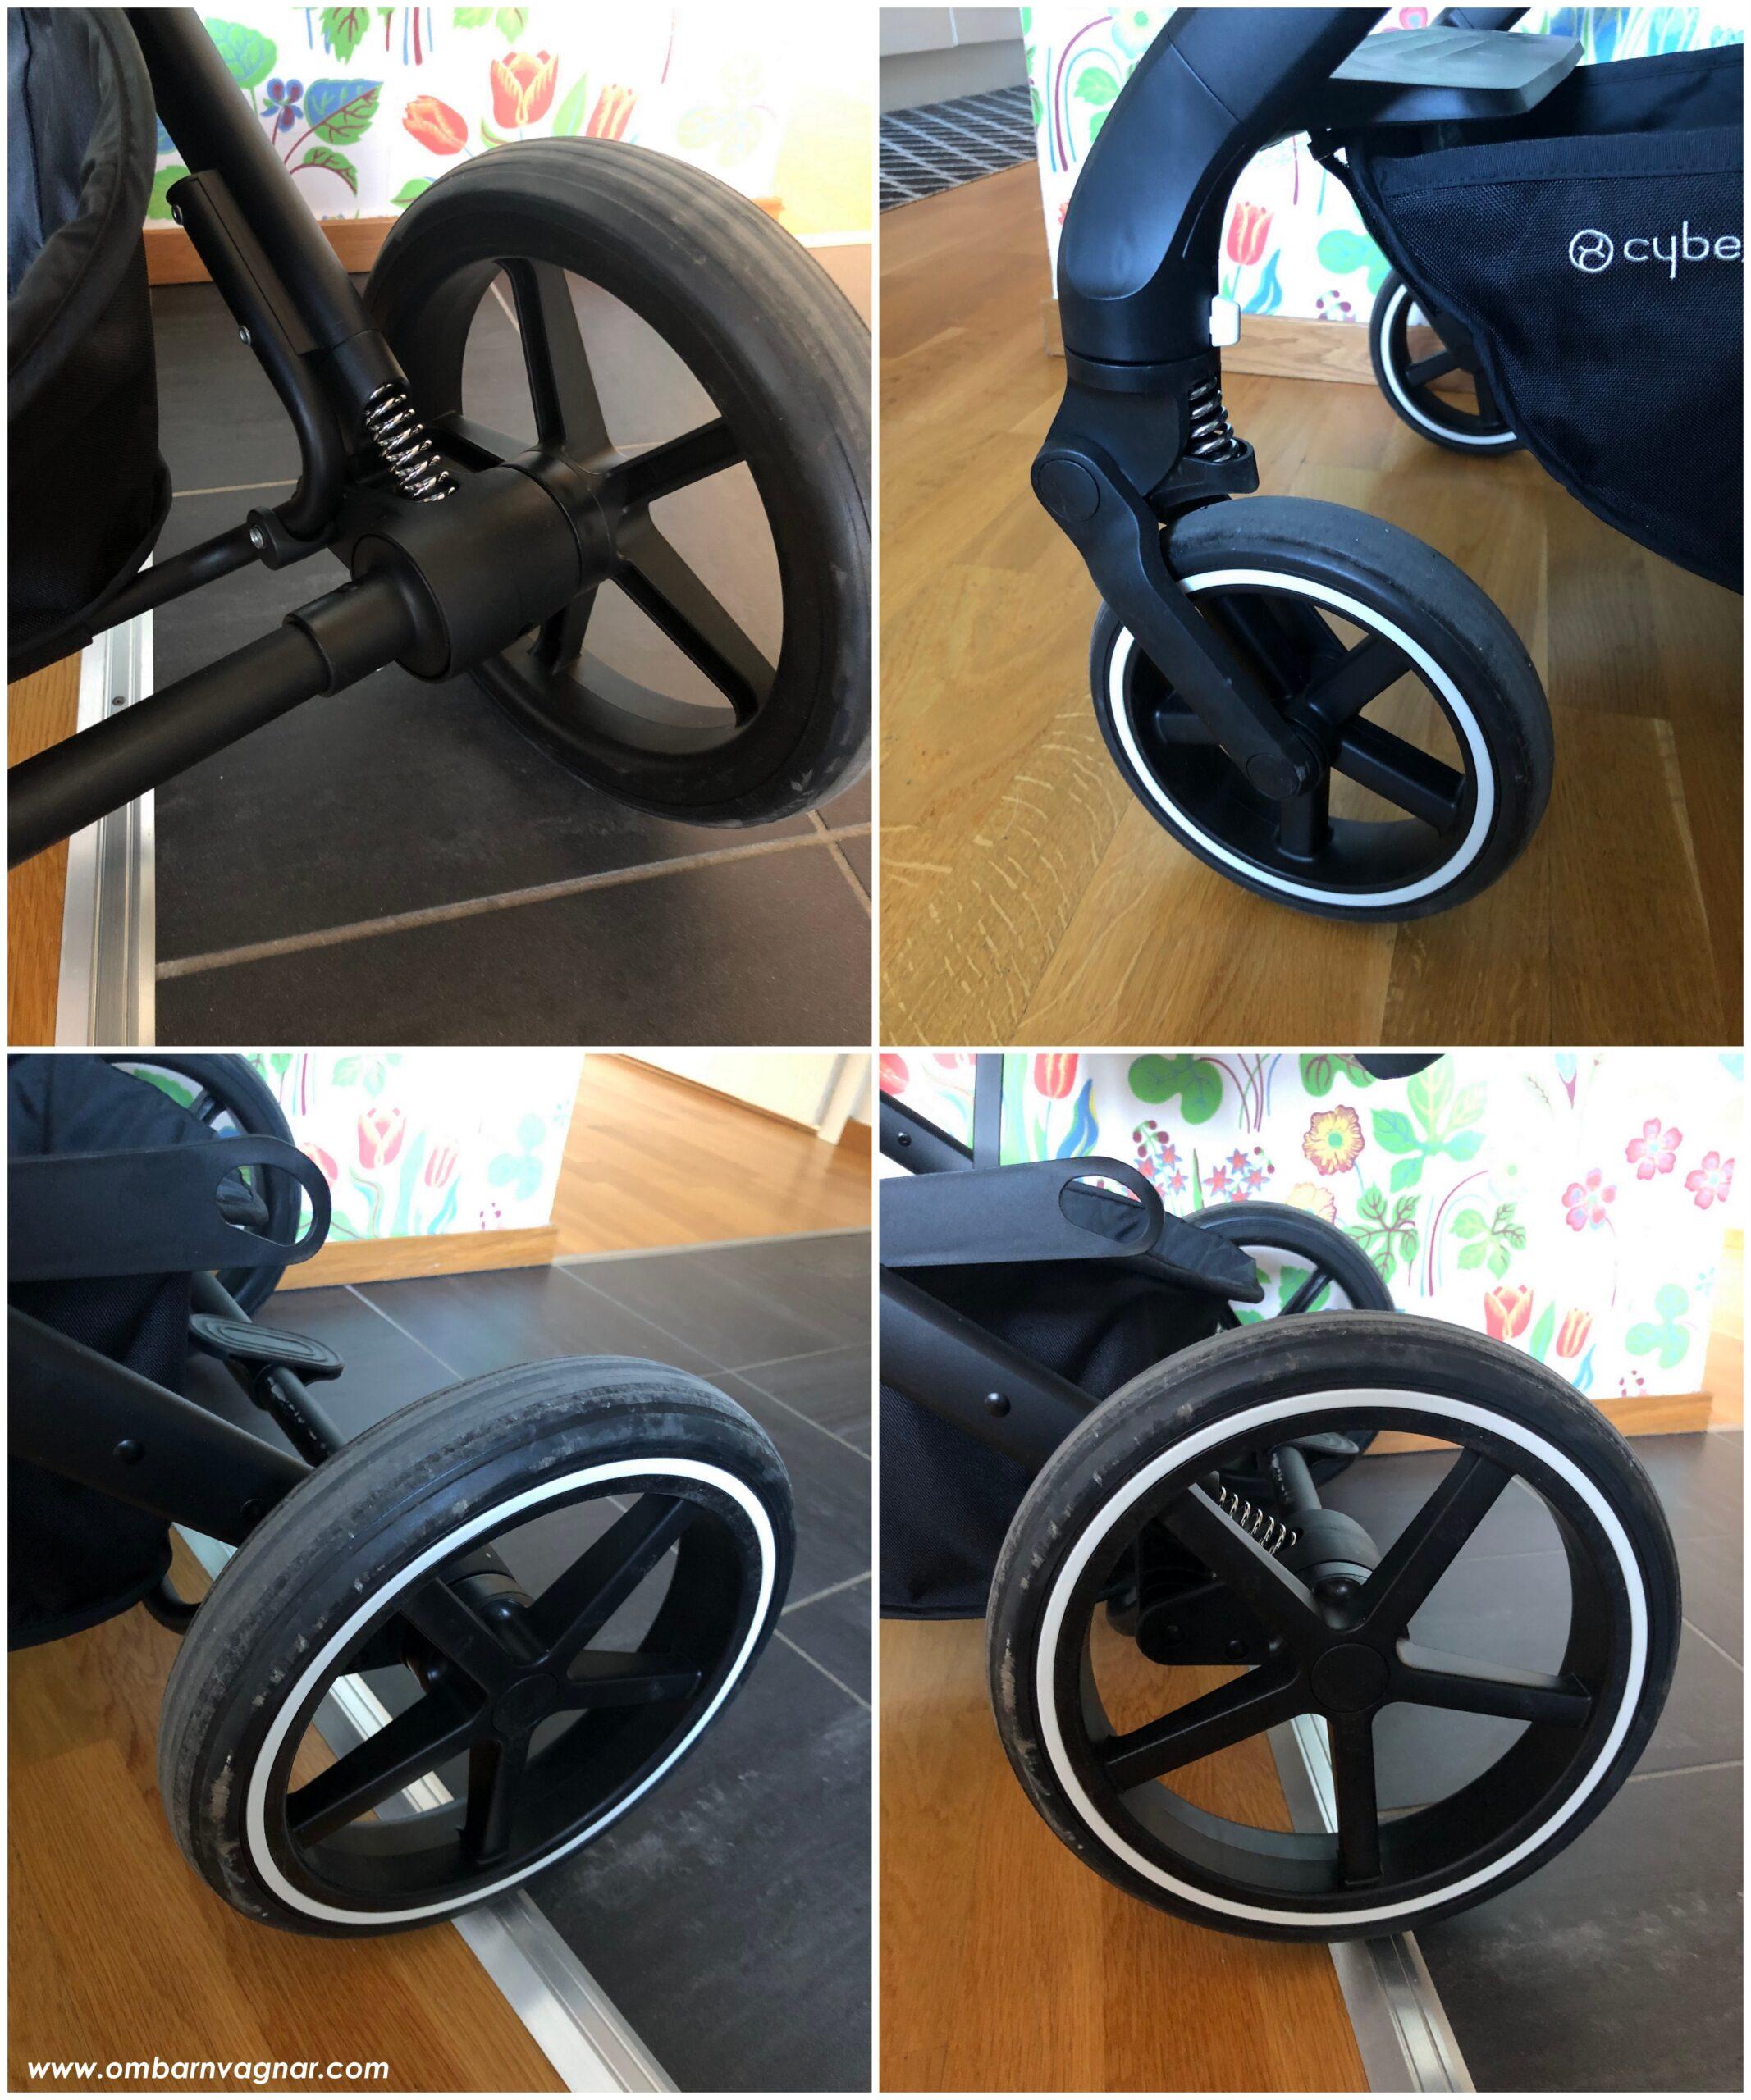 Cybex Balios S Lux har punkteringsfria hjul med fjädring